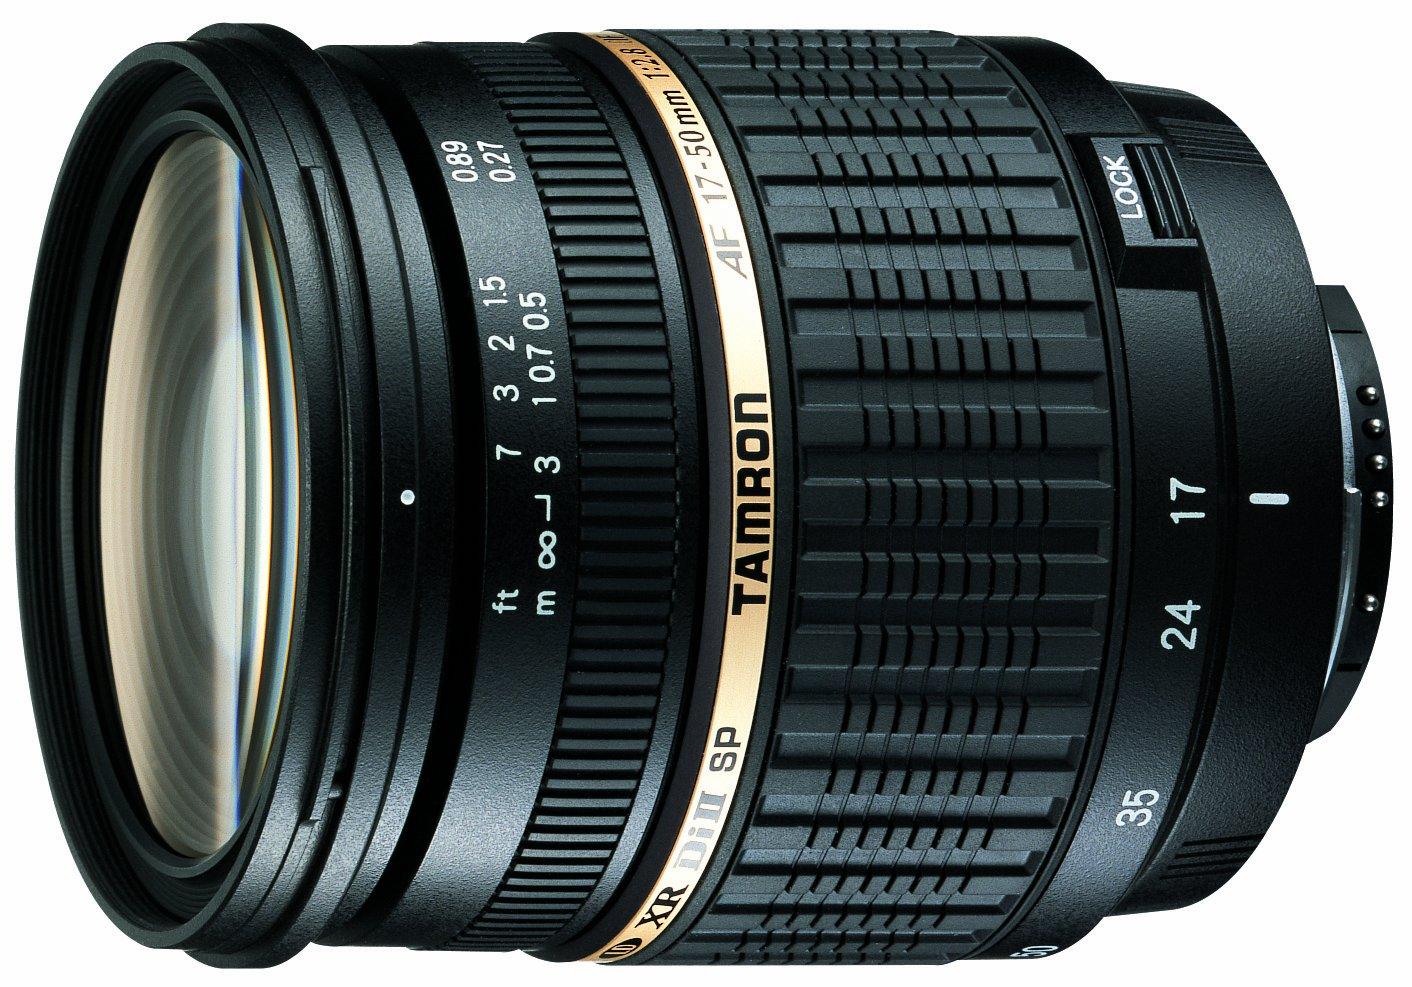 Tamron SP AF 17-50mm f/2.8 XR Di II lens